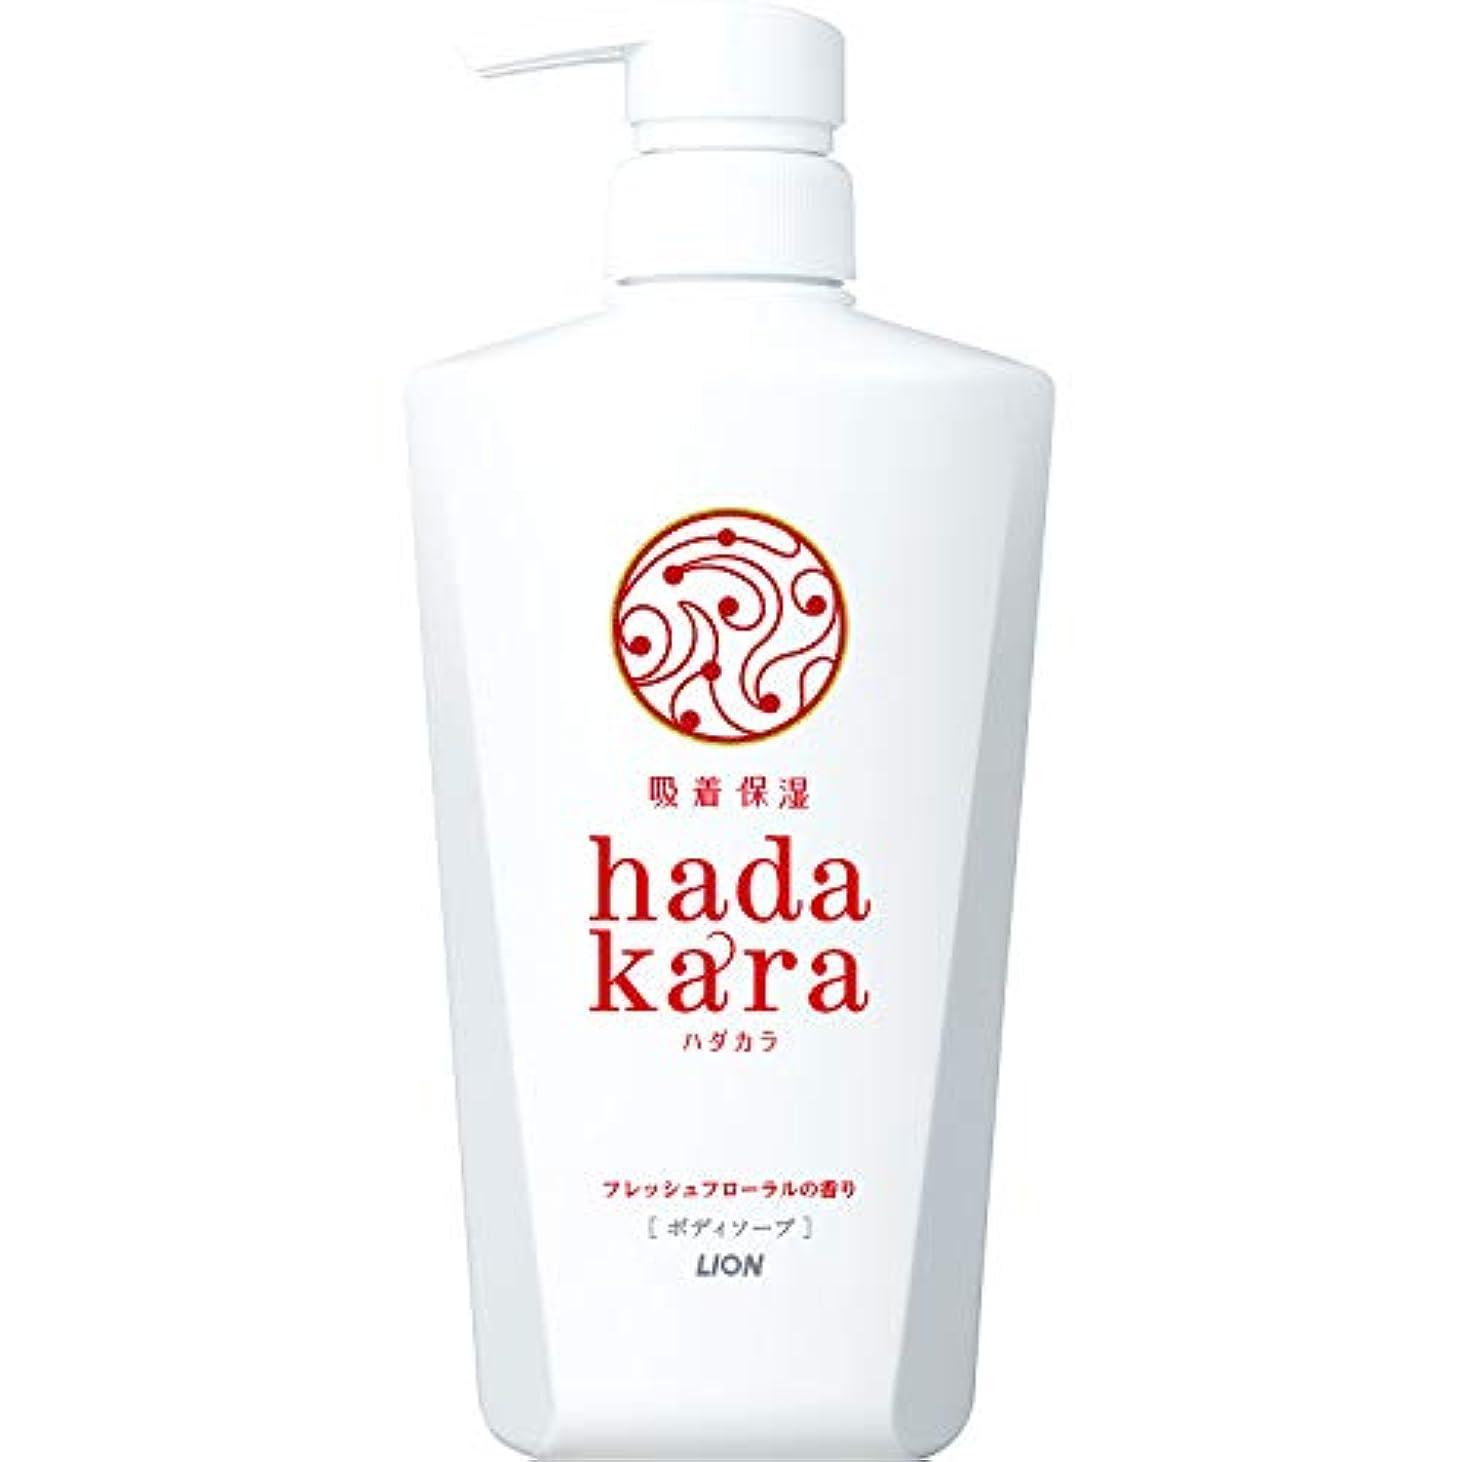 スピーチ心のこもったメダルhadakara(ハダカラ) ボディソープ フローラルブーケの香り 本体 500ml